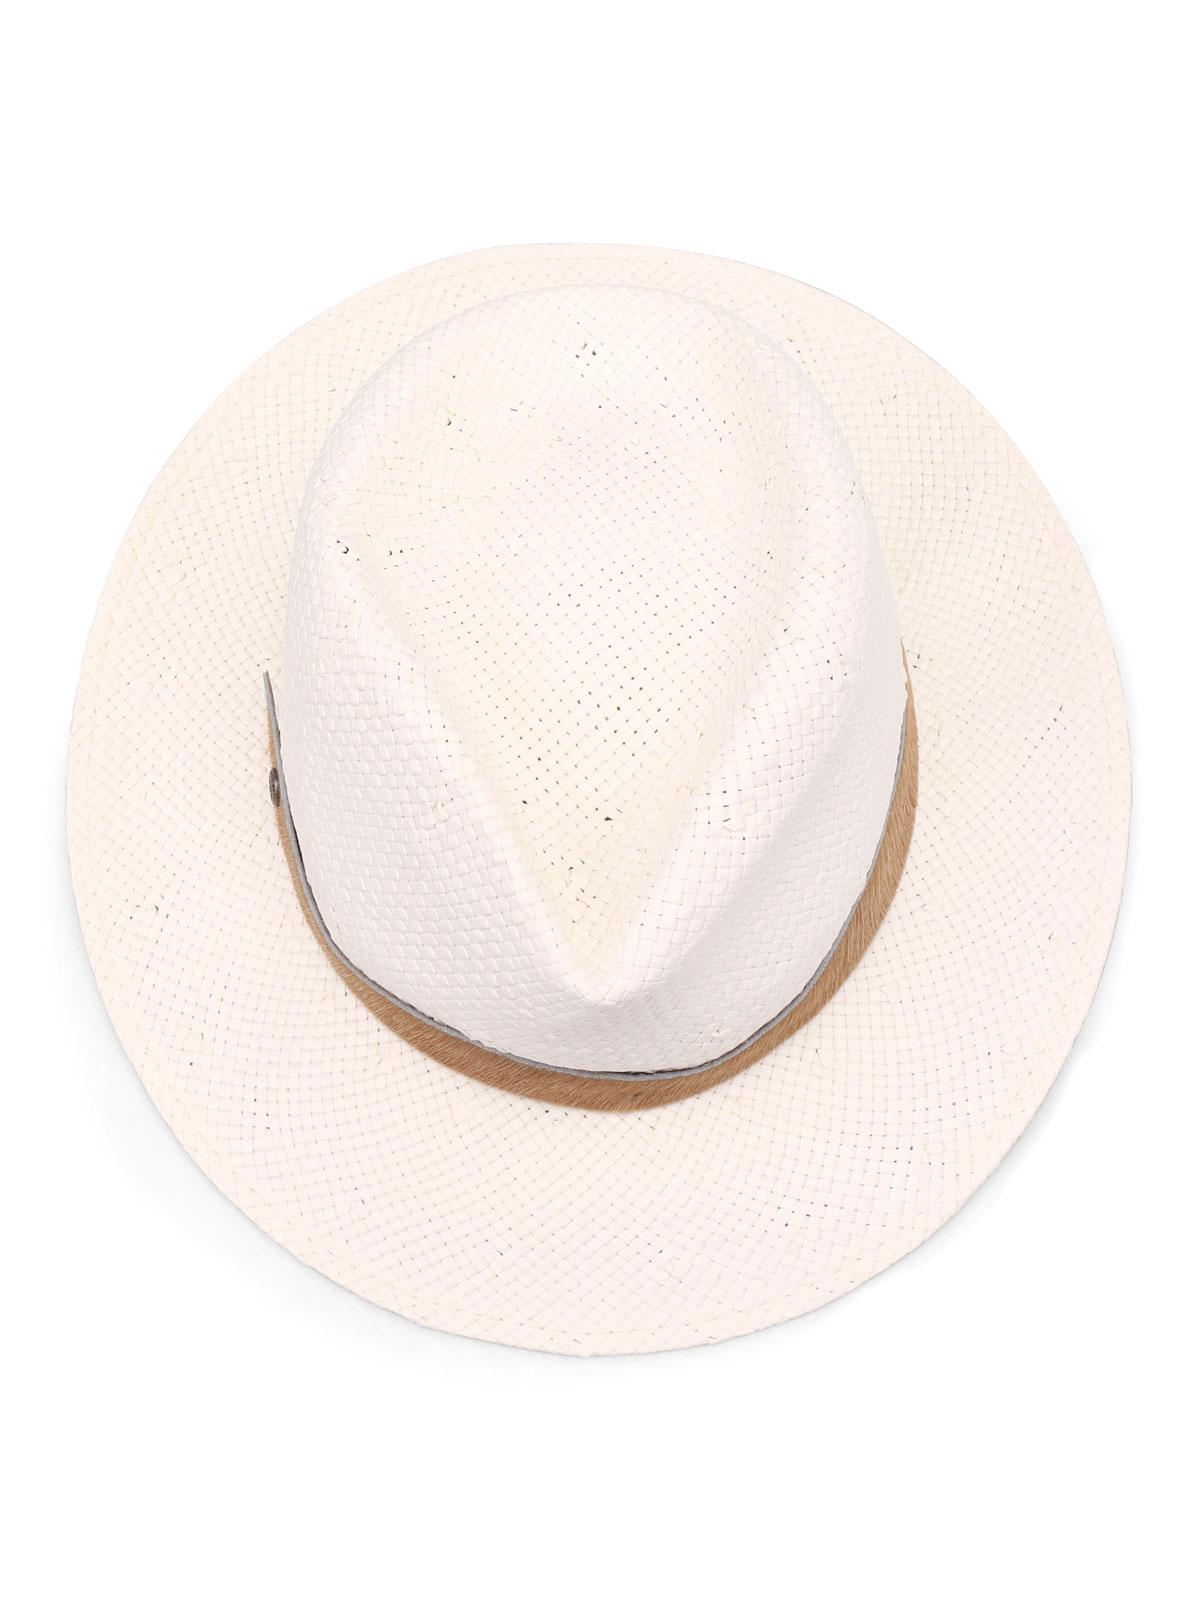 9a2f15f417a Jacob Cohen - Paper yarn panama hat - hats   caps - JH01300203BURRO103